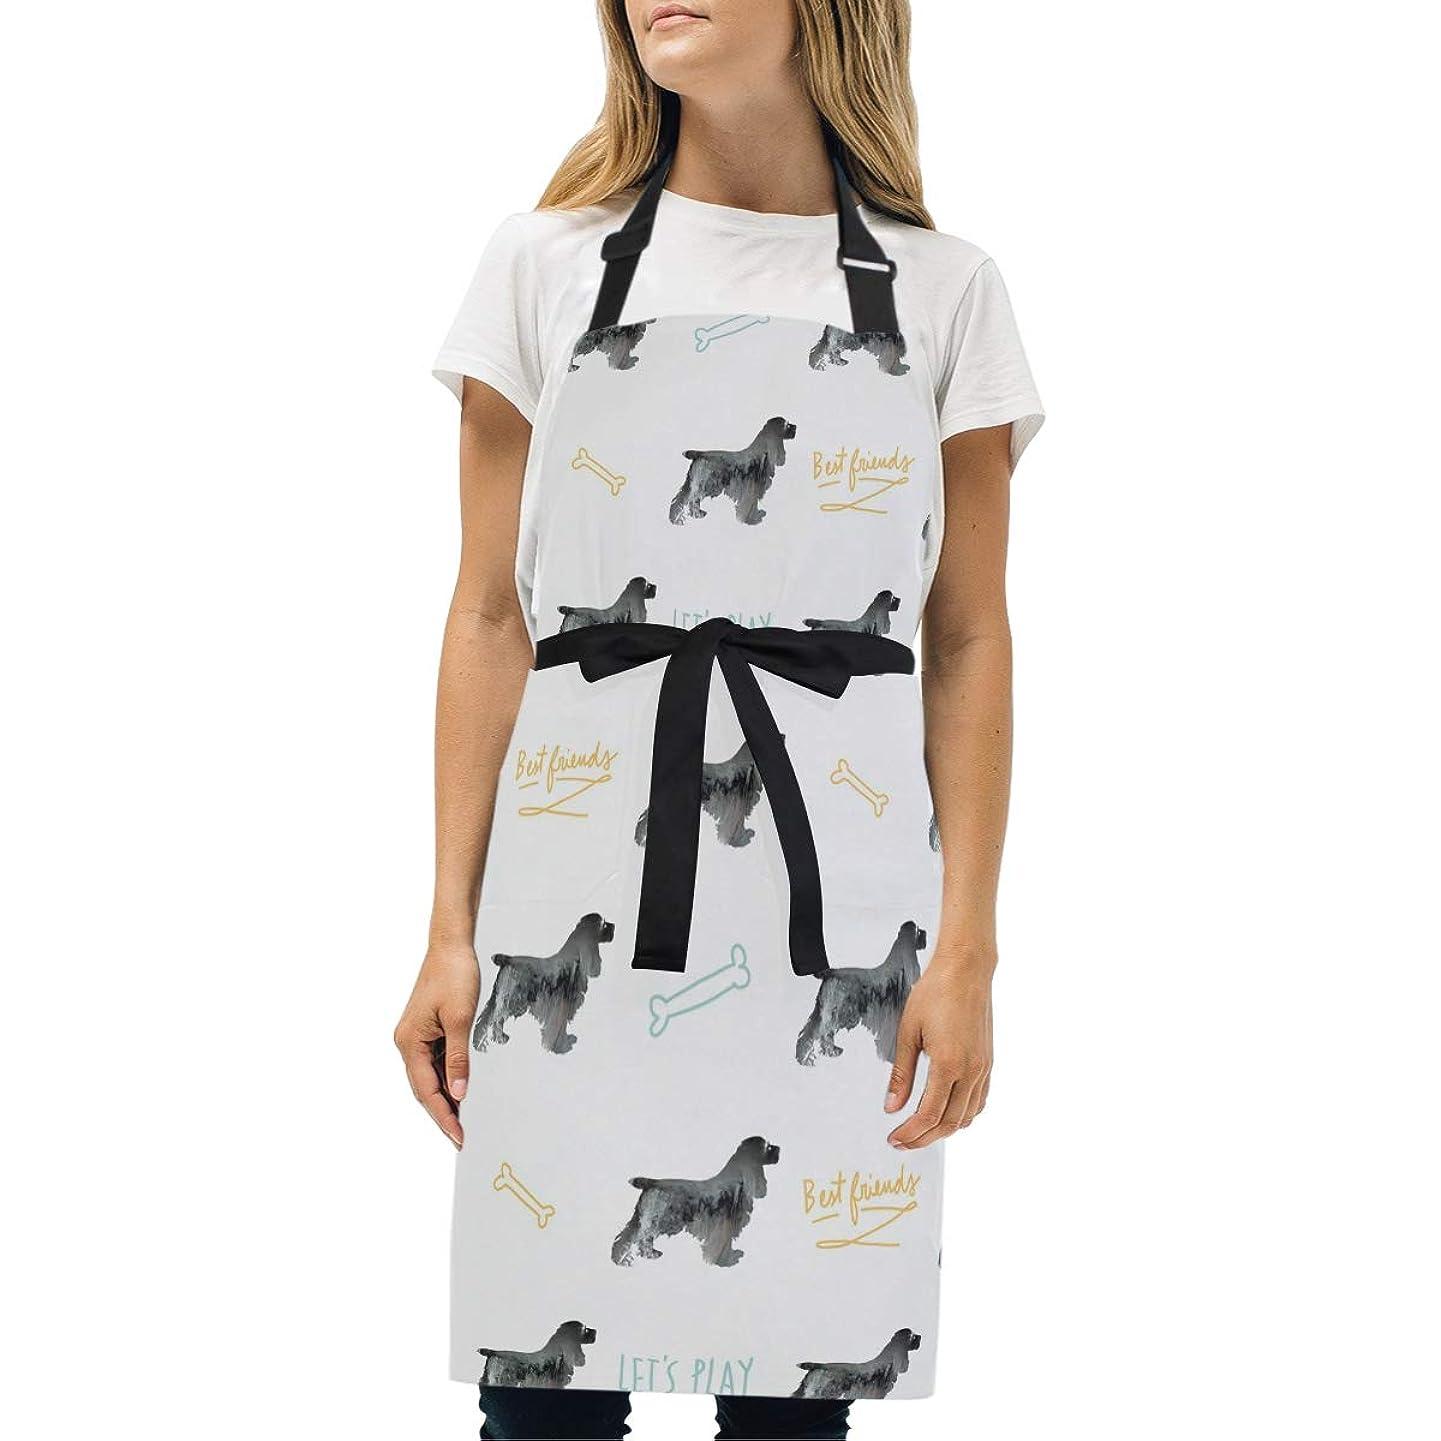 温かい慣らす贅沢シンプルエプロン コッカースパニエル 犬 エプロン 身長に応じて調節できる首ベルト 2ポケット 首掛け 男女兼用